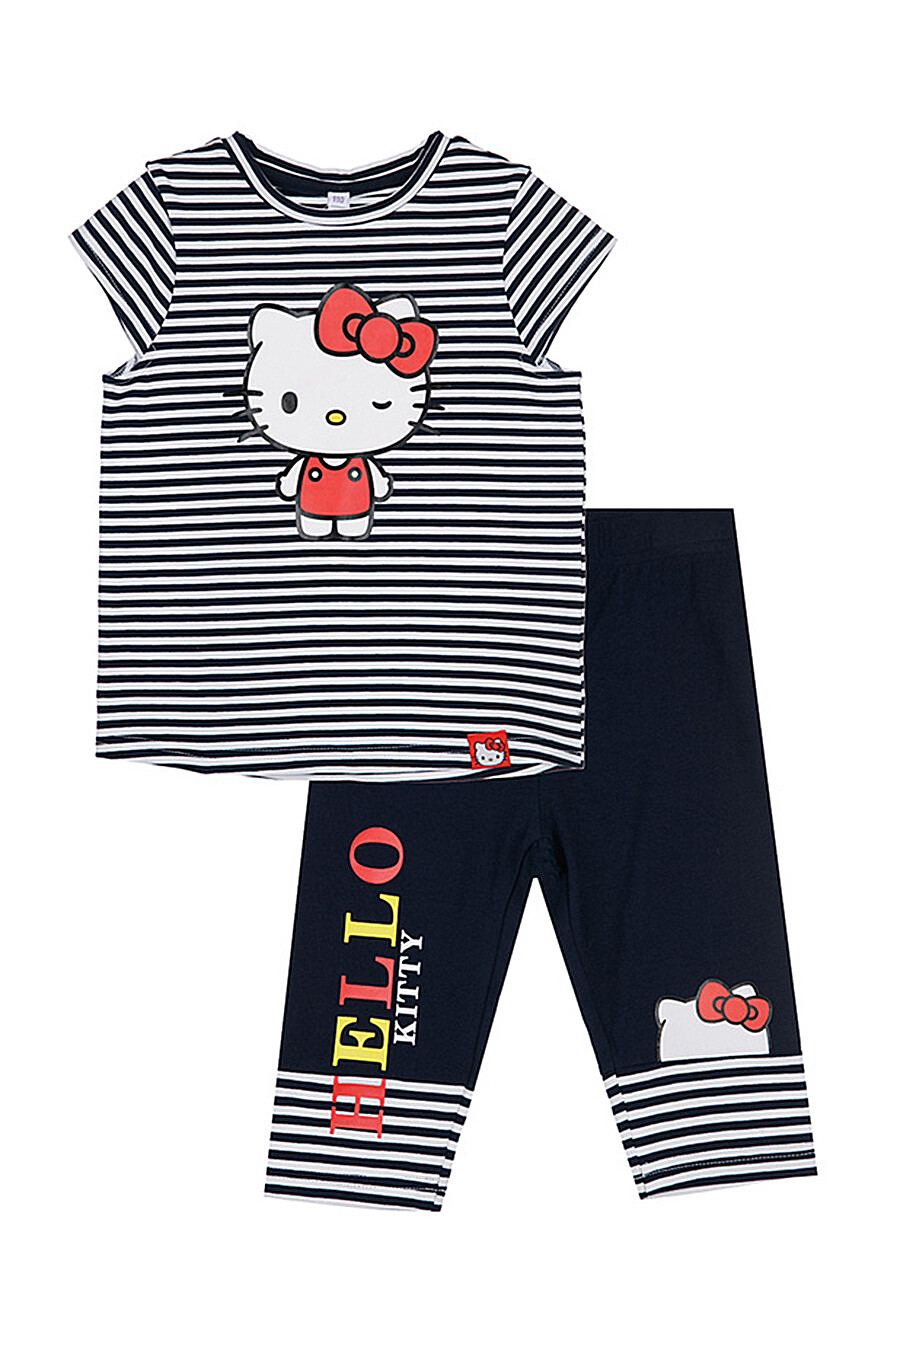 Комплект (Легинсы+Футболка) для девочек PLAYTODAY 289492 купить оптом от производителя. Совместная покупка детской одежды в OptMoyo